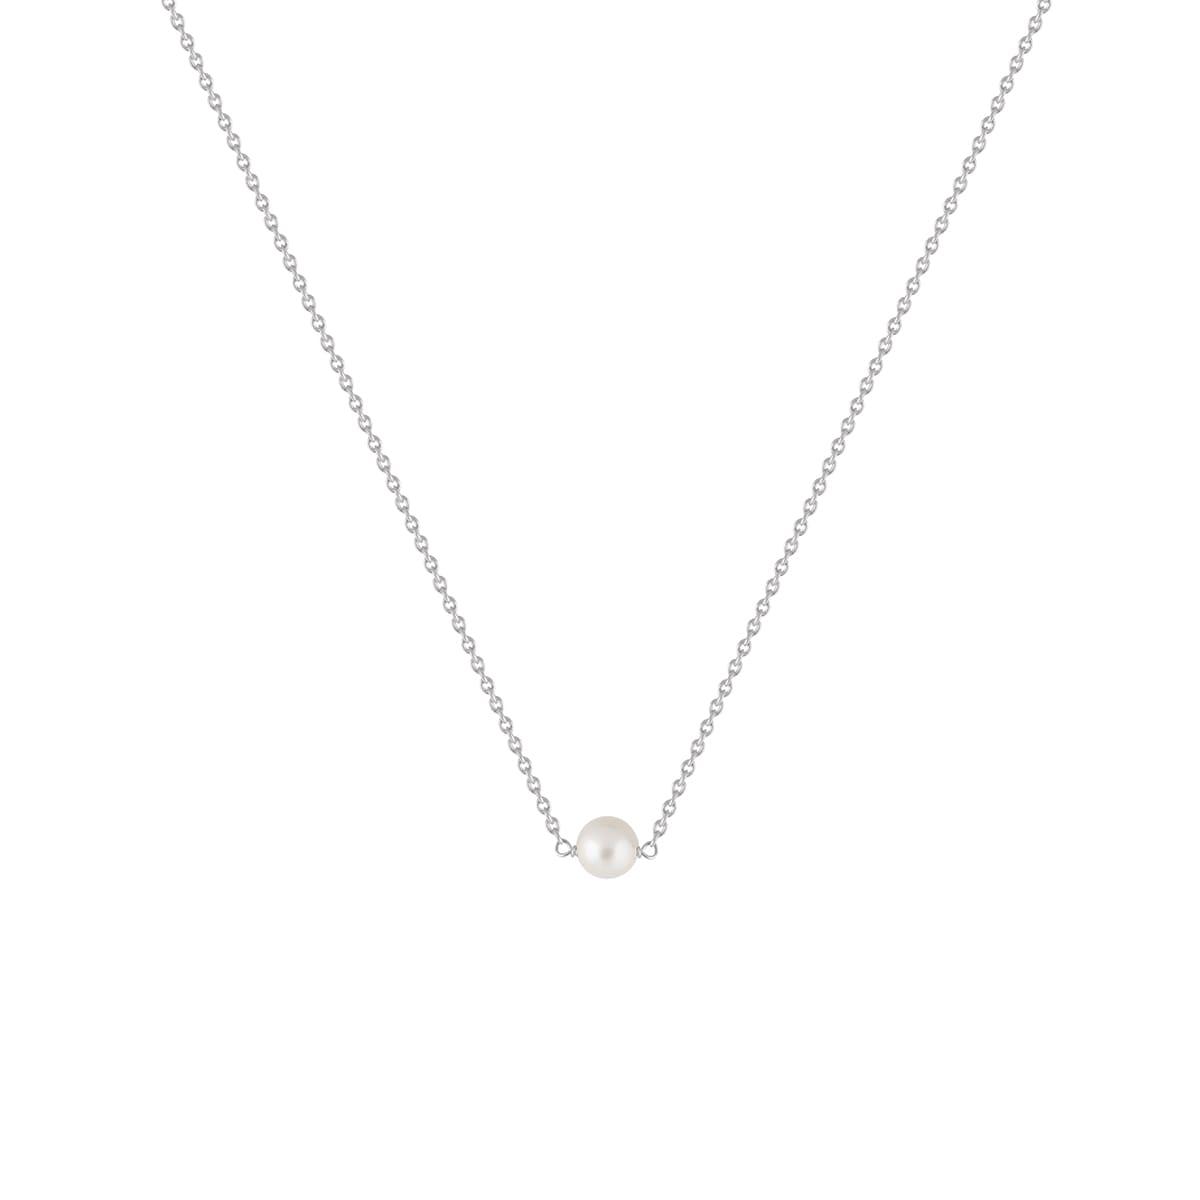 Sophie_by_Sophie_Pearl_necklace_B0721RHS0-OS_hos_Jarl_Sandin